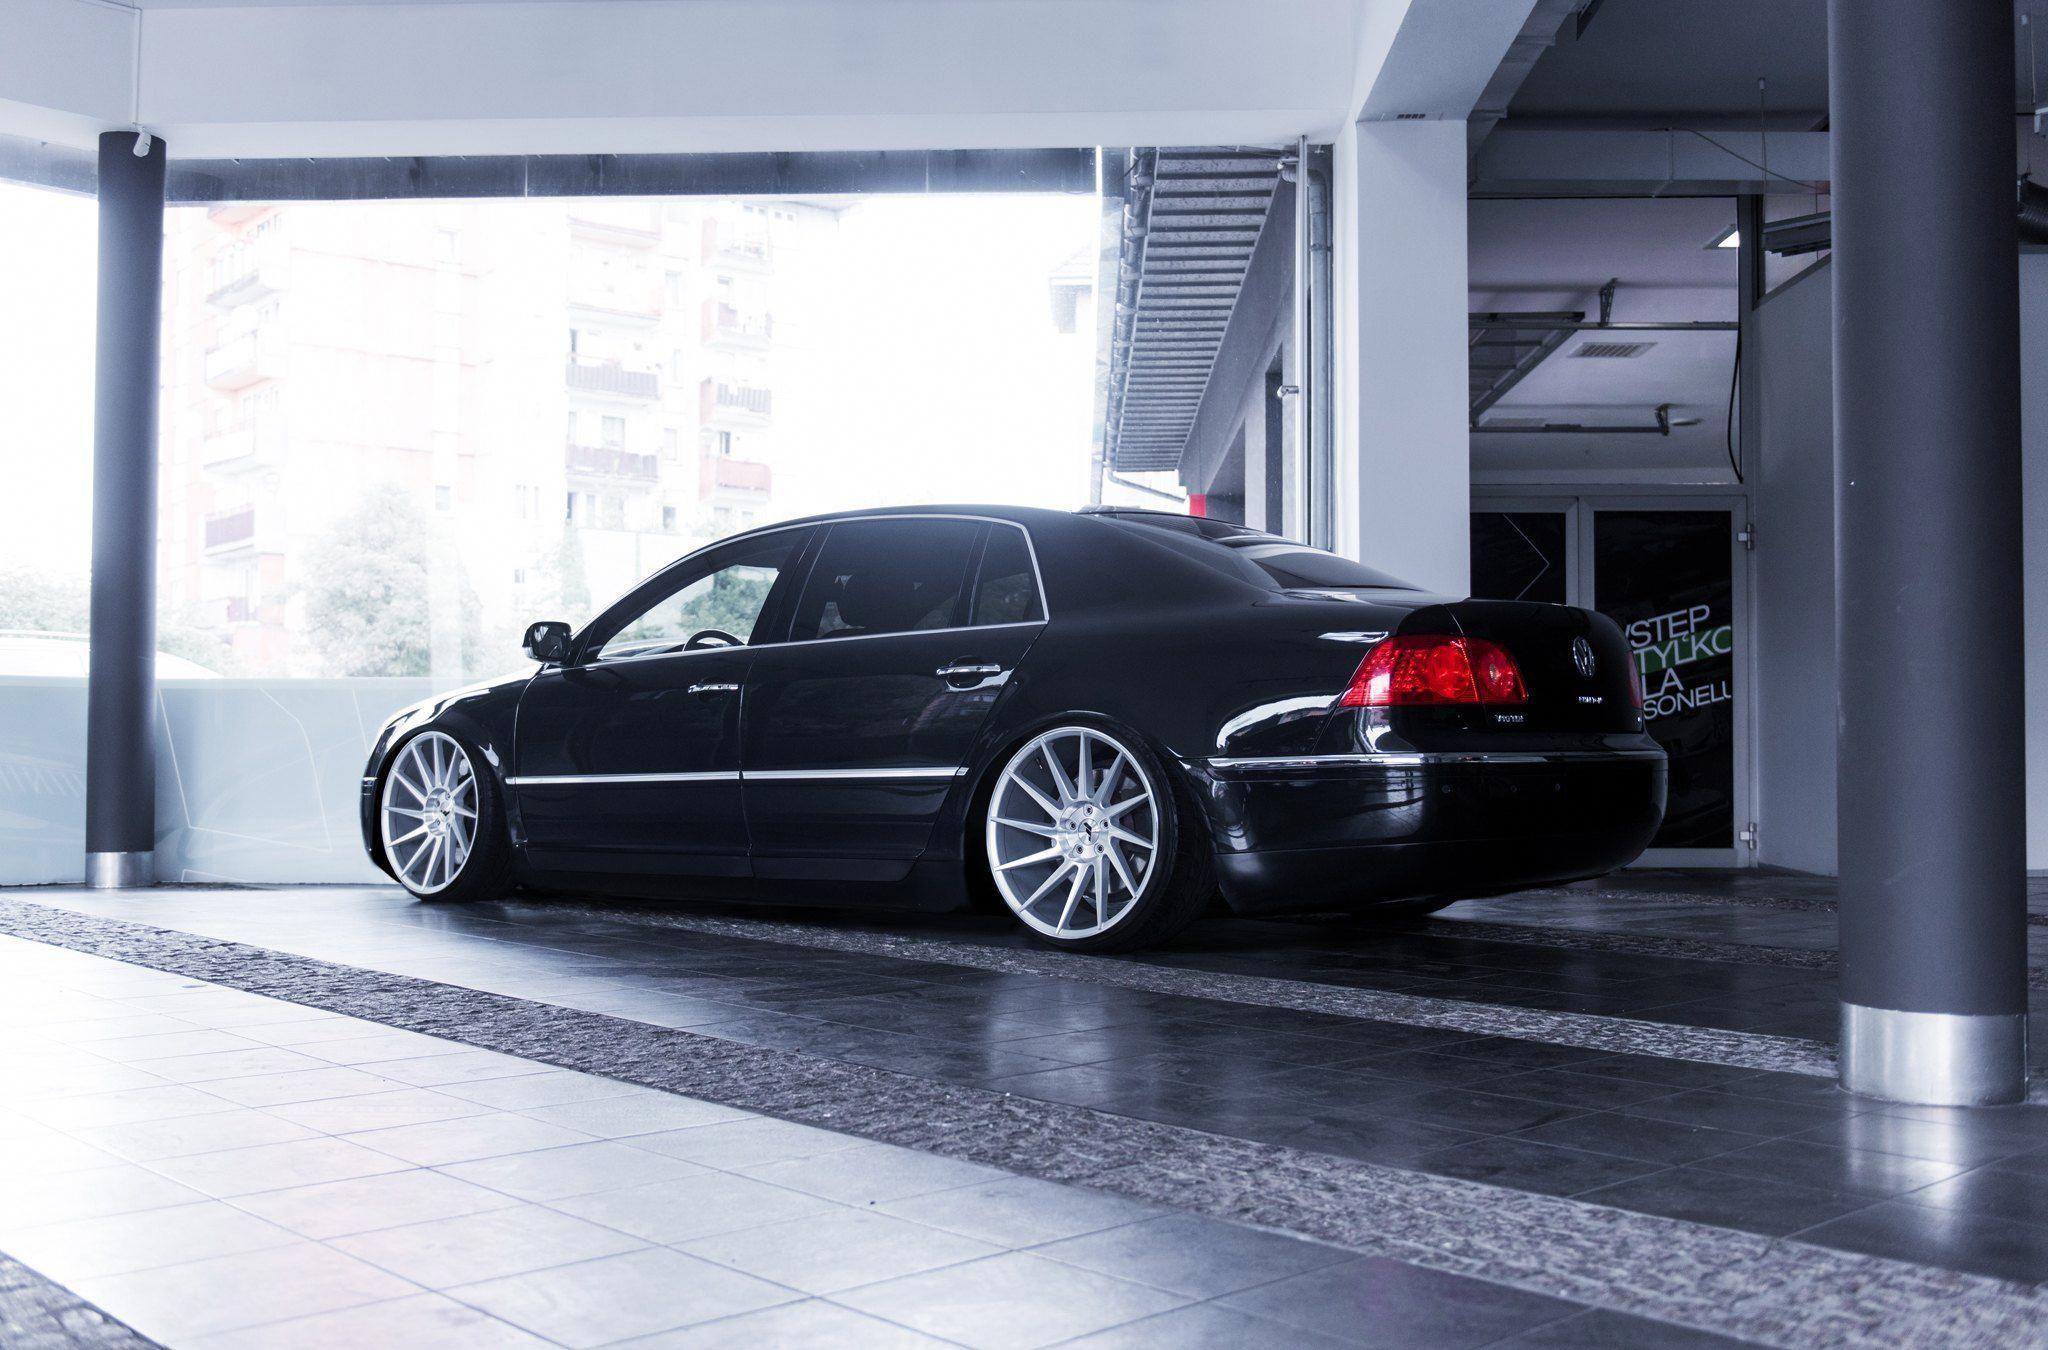 Tuning Kingz Put Their Hands On Black Vw Phaeton Volkswagenphaeton Schone Autos Phaeton Vw Autos